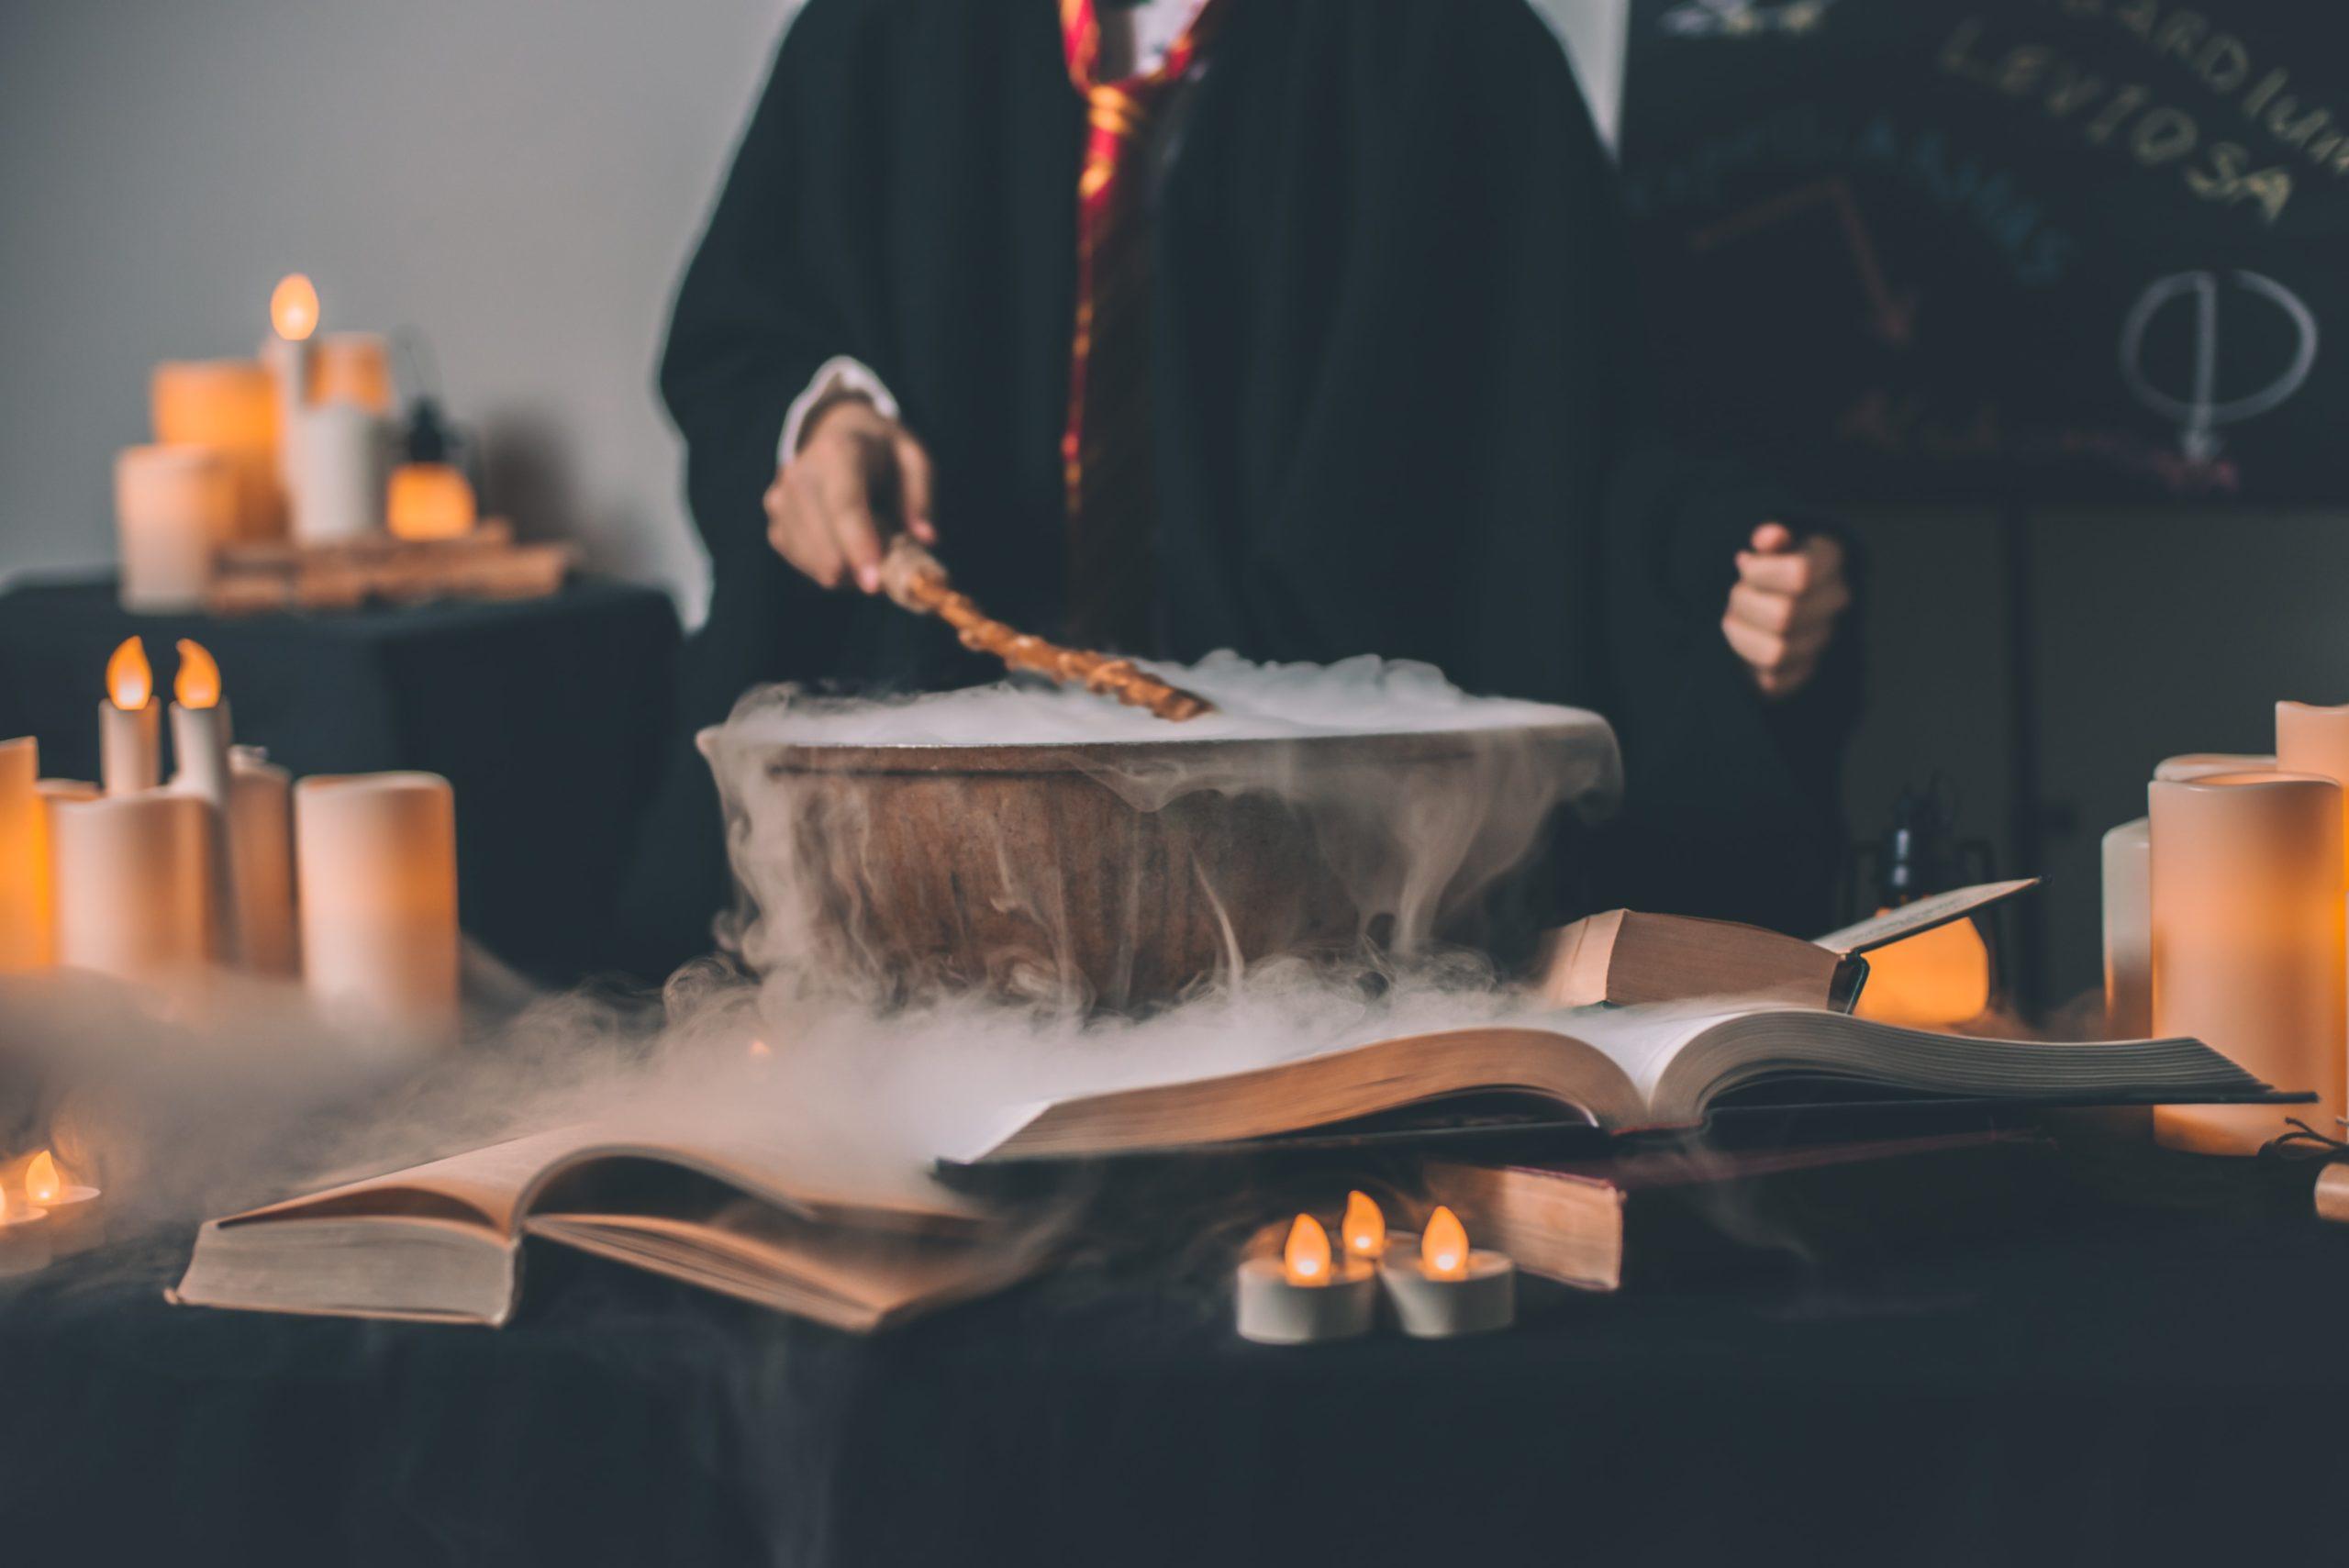 Secretos sobre la saga Harry Potter